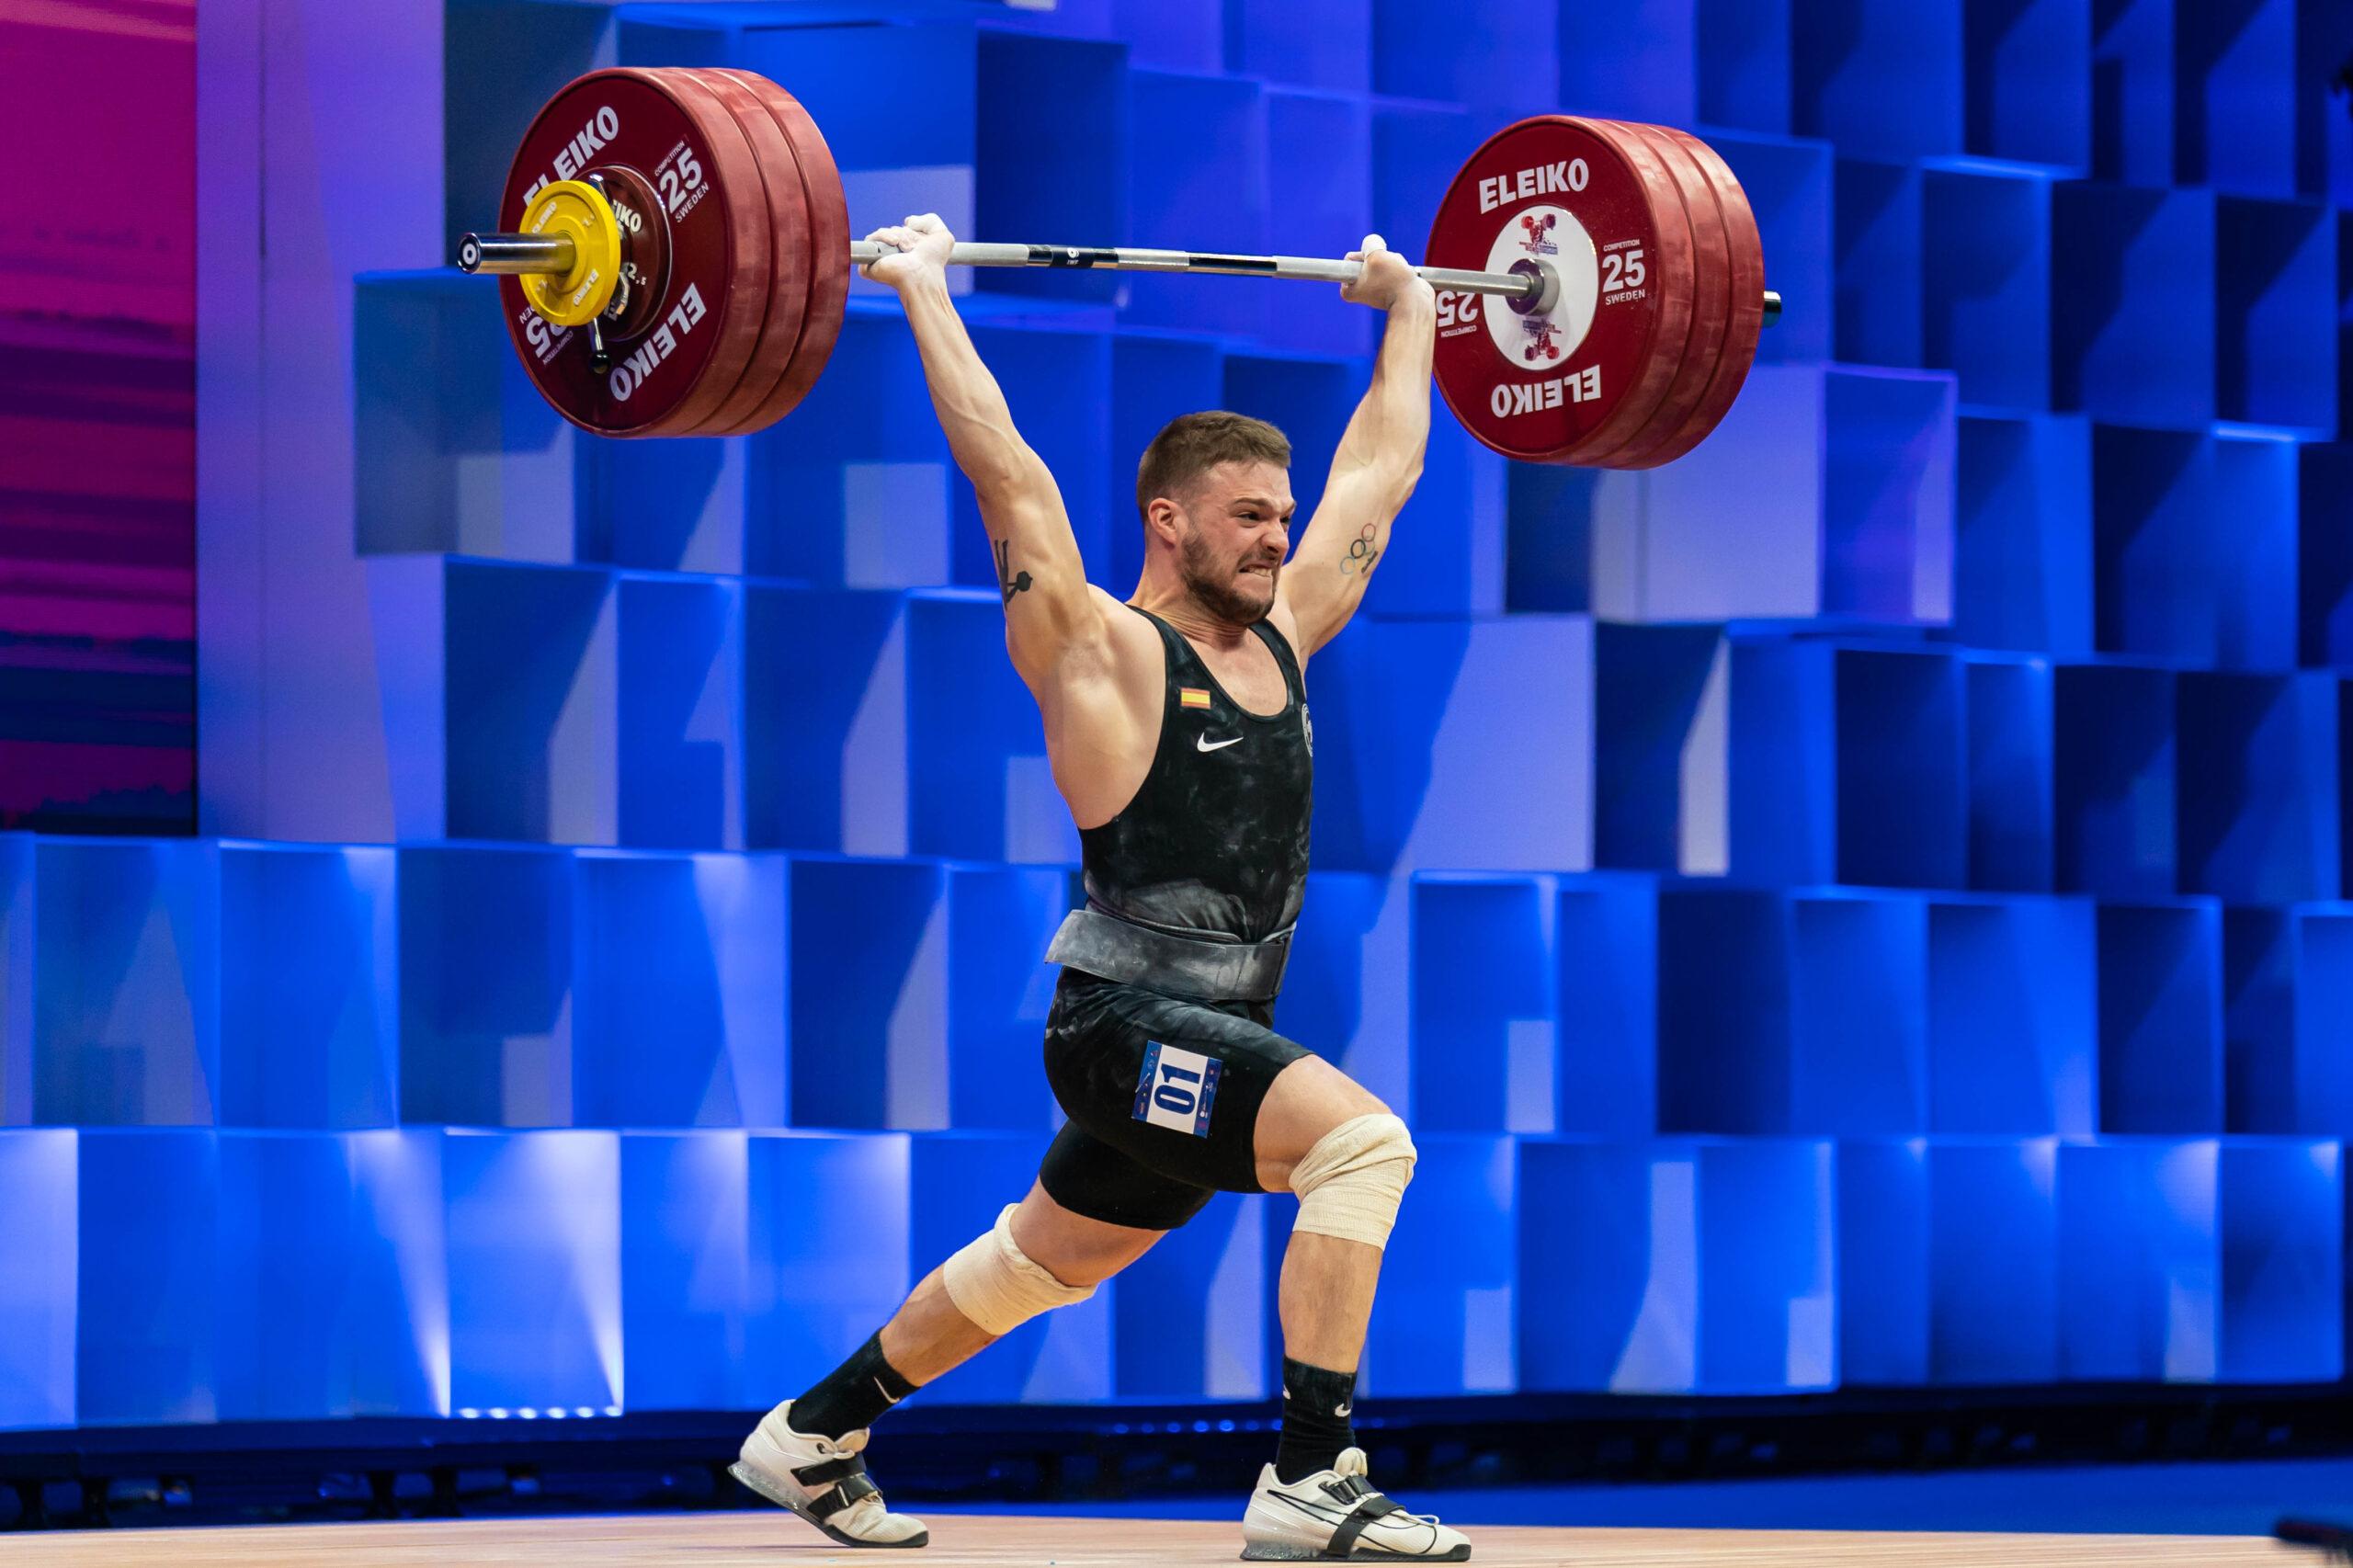 David Sánchez gana el bronce en dos tiempos con 183 kg en la categoría de hasta 73 kg en los Europeos de Moscú.